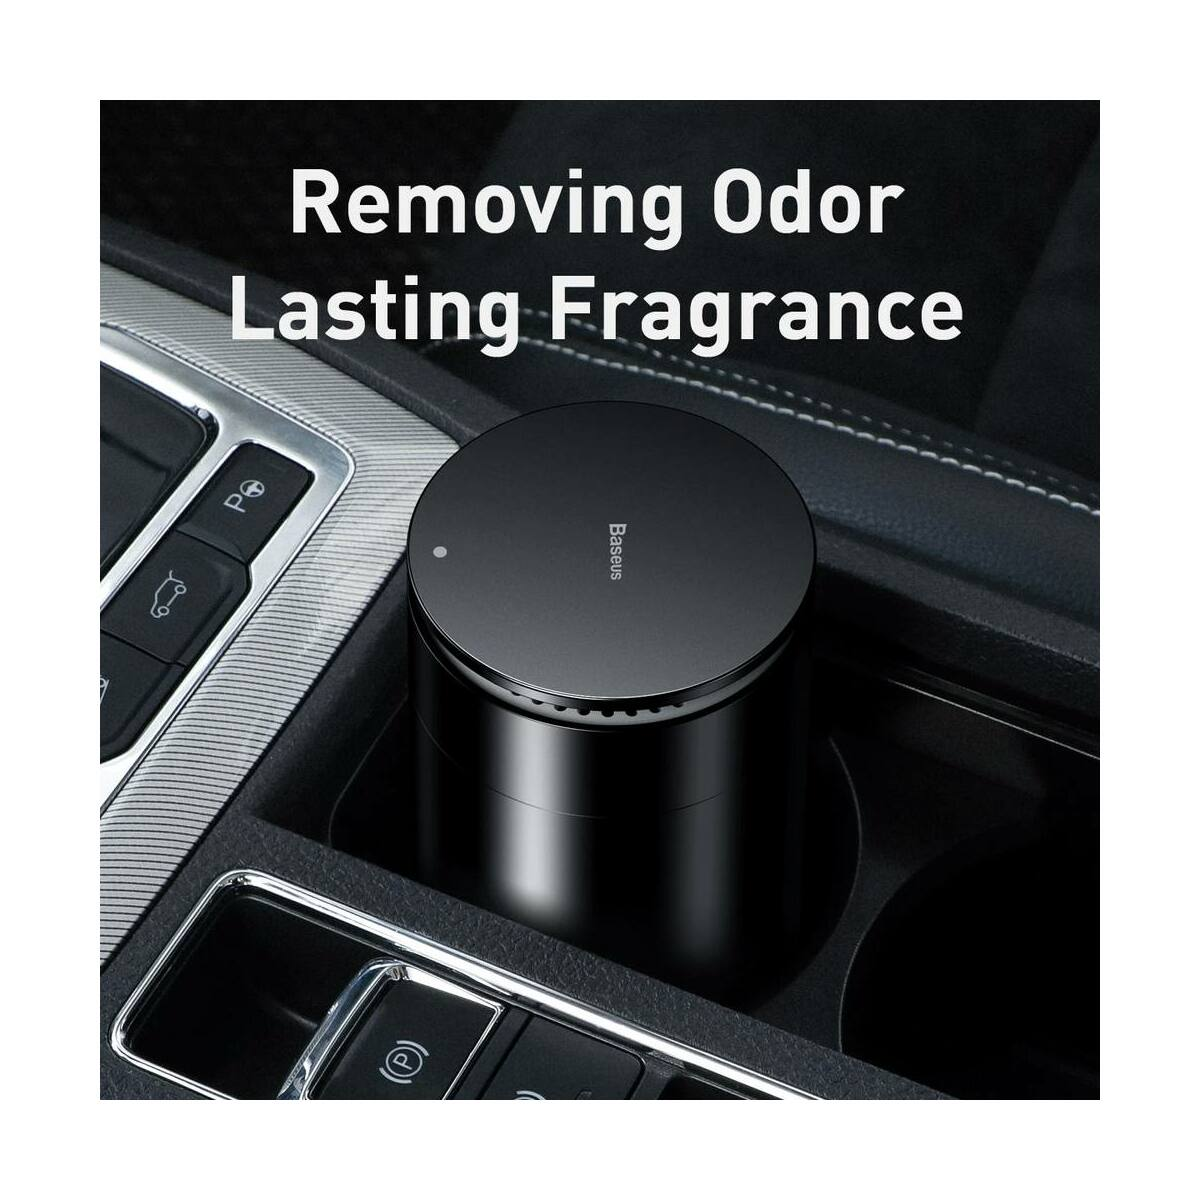 Baseus autós kiegészítő, Minimalist pohártartóba való légfrissítő, Oceán illattal (Formaldehydes tisztító funkció), fekete (SUXUN-CE01)